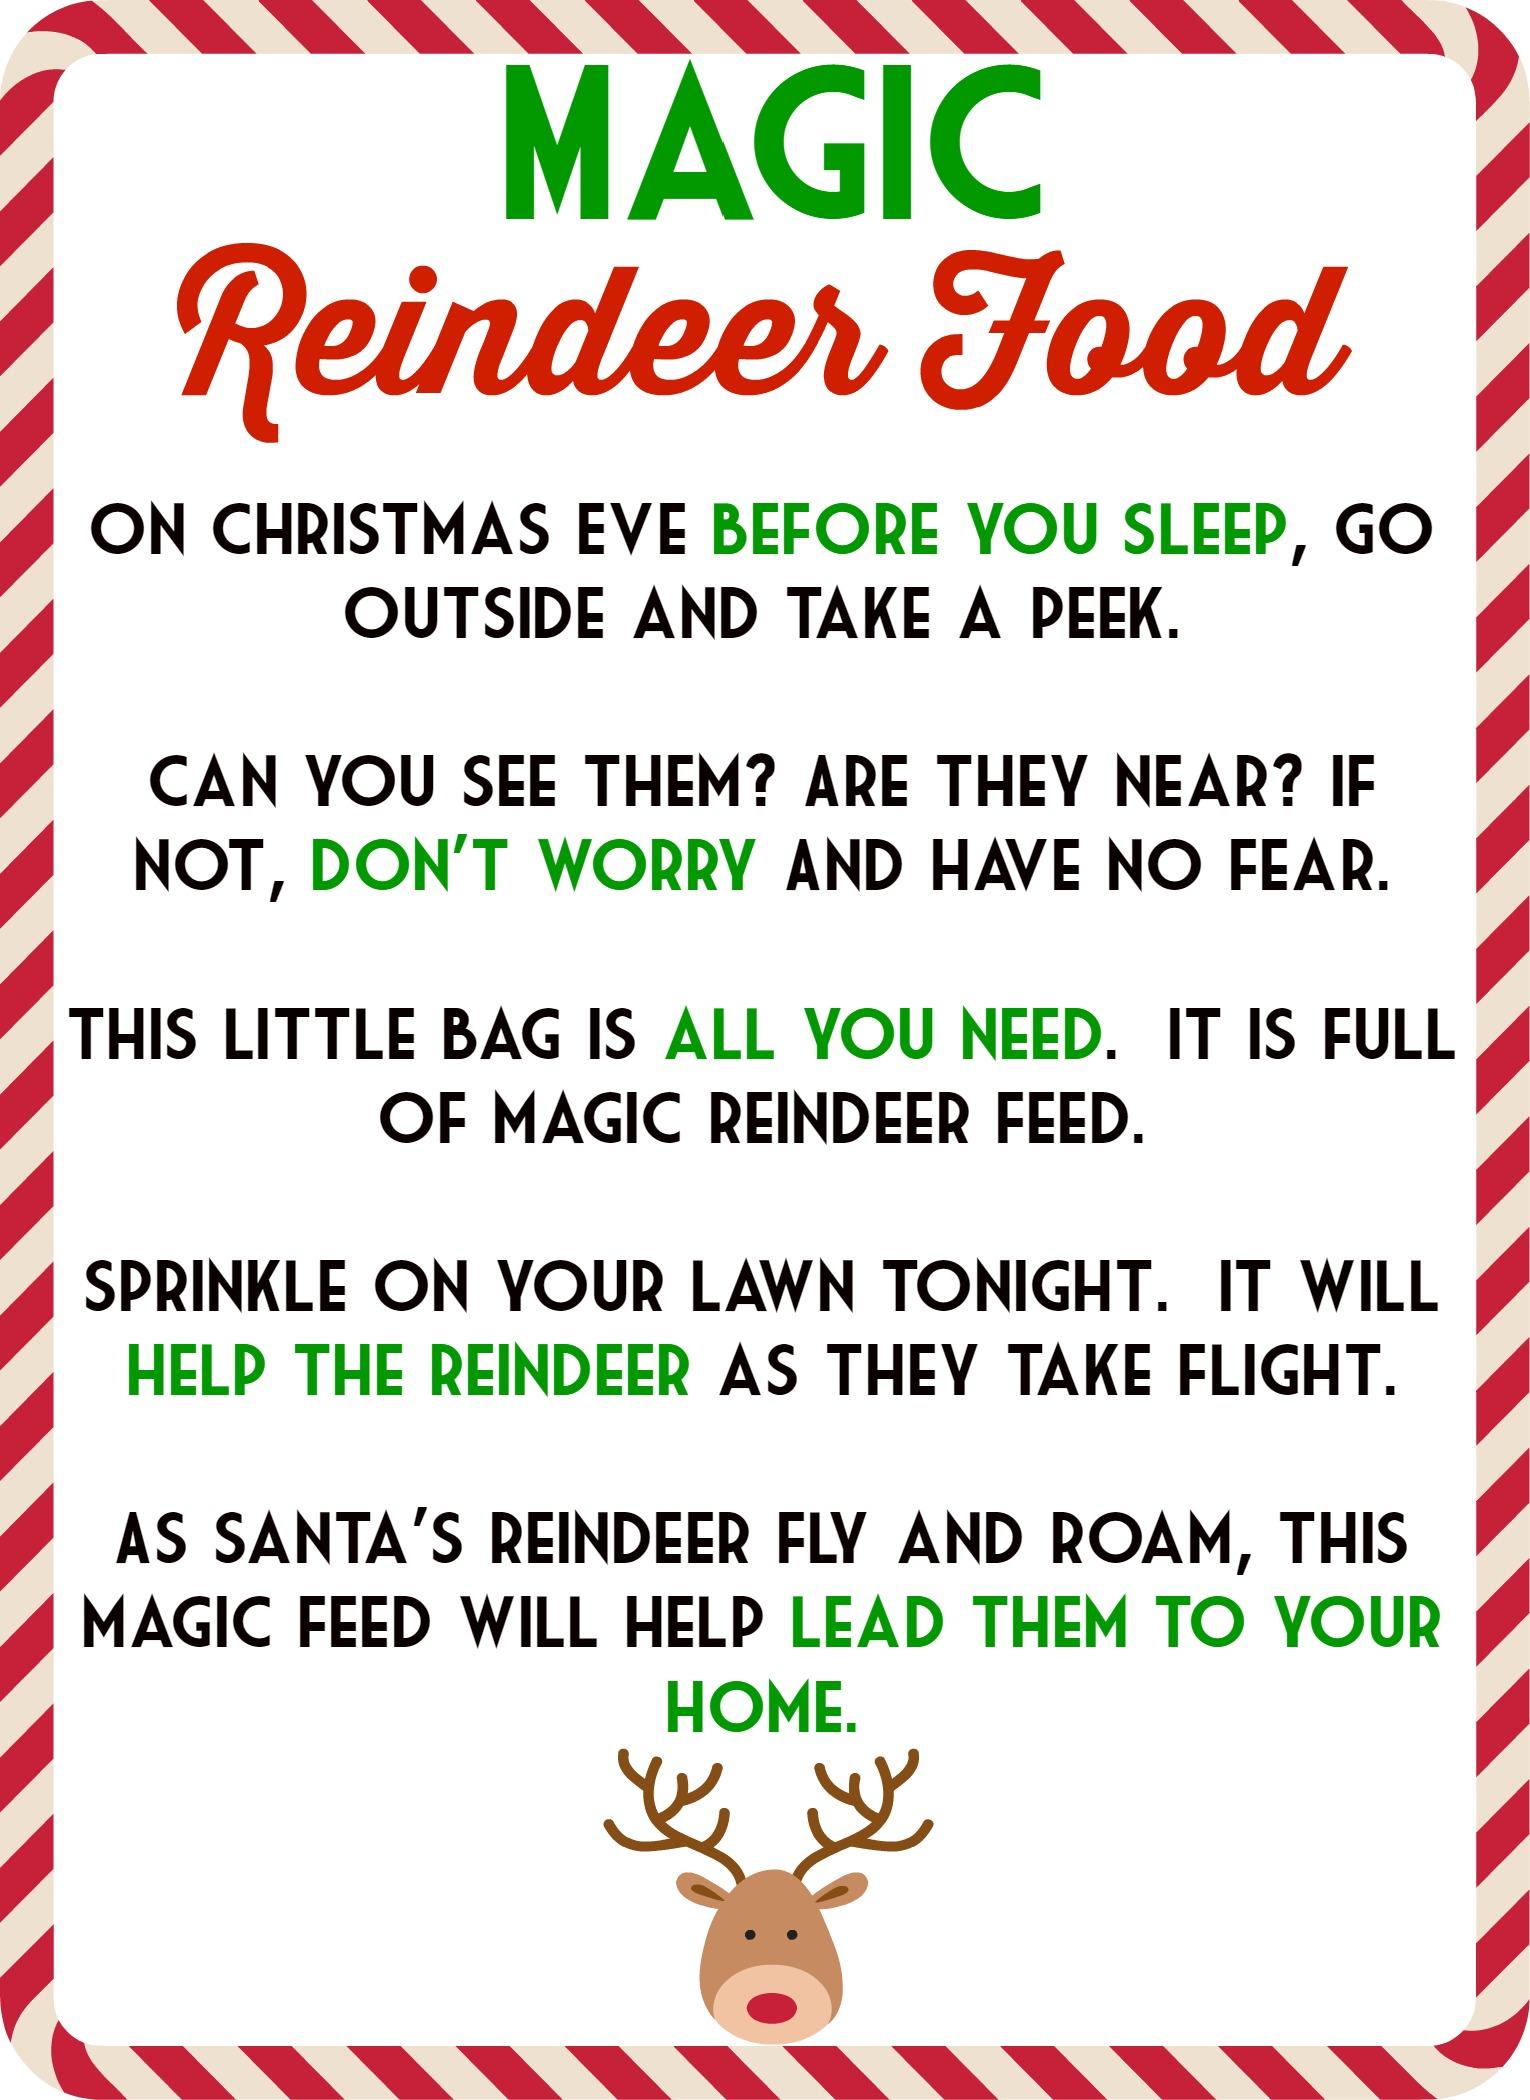 reindeer food.jpg